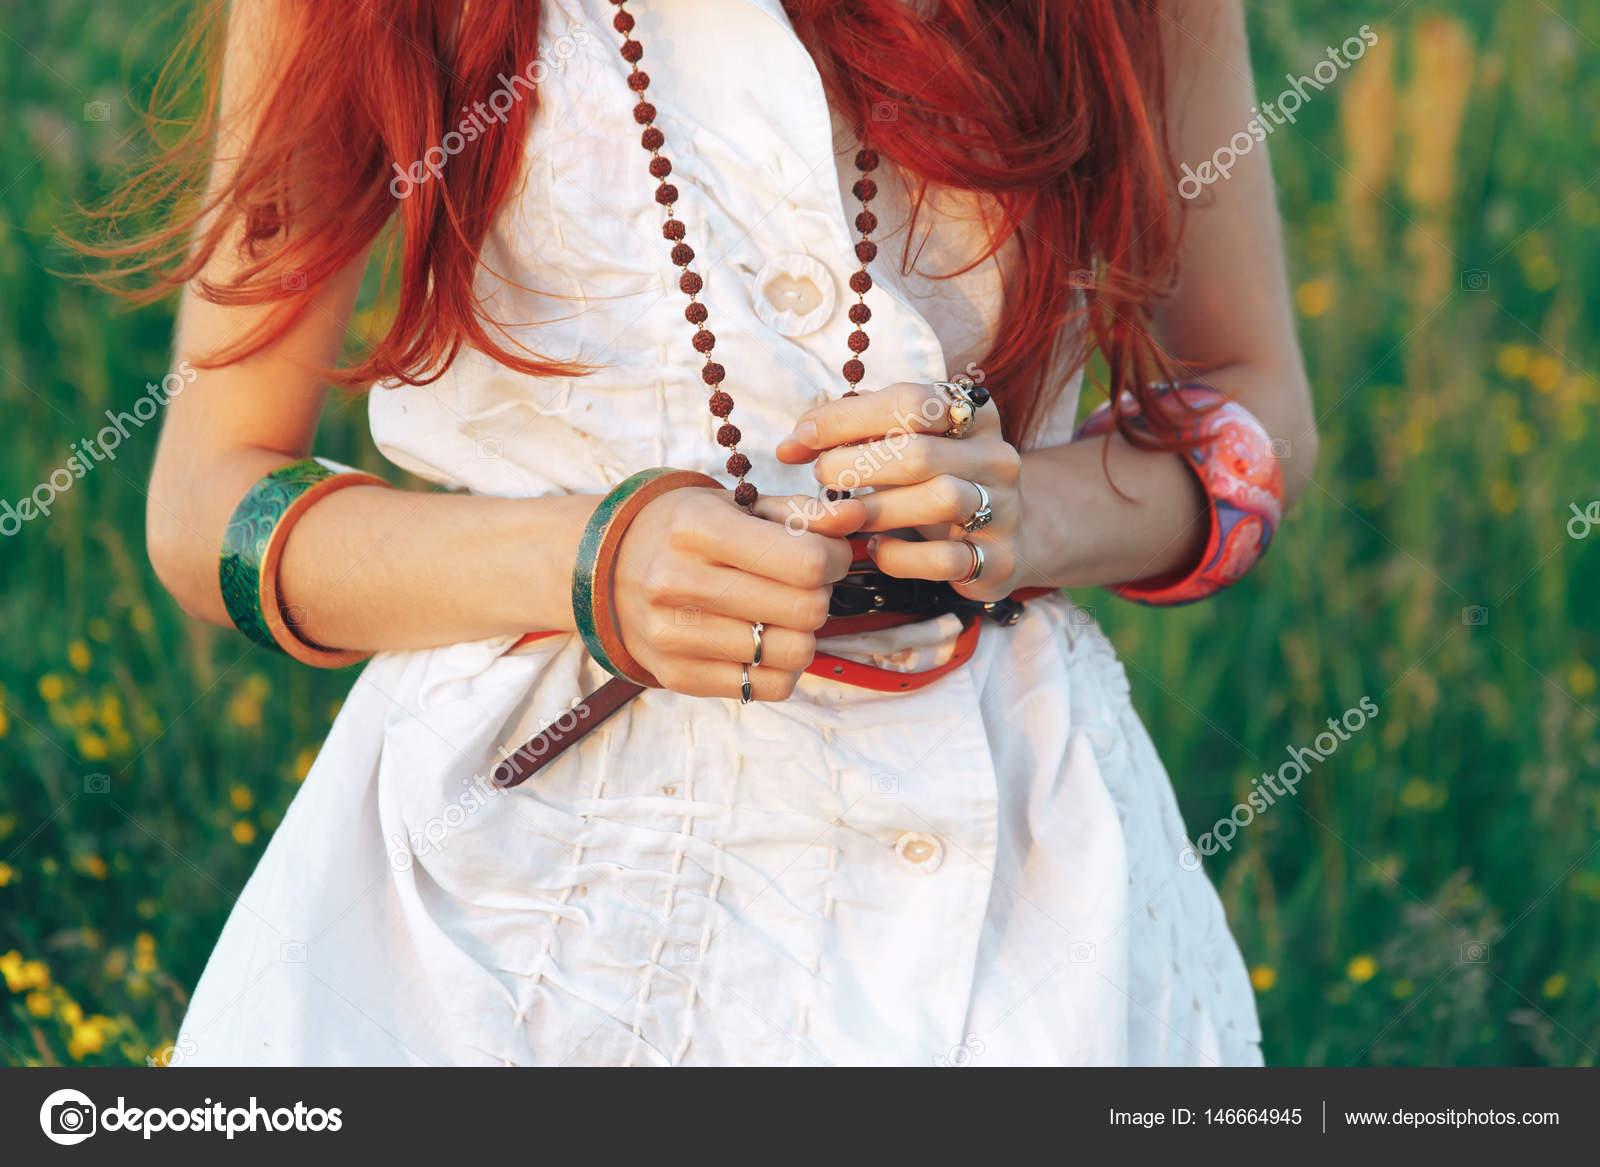 Madchen Im Hippie Stil Auf Natur Hintergrund Stockfoto C Yavlonin